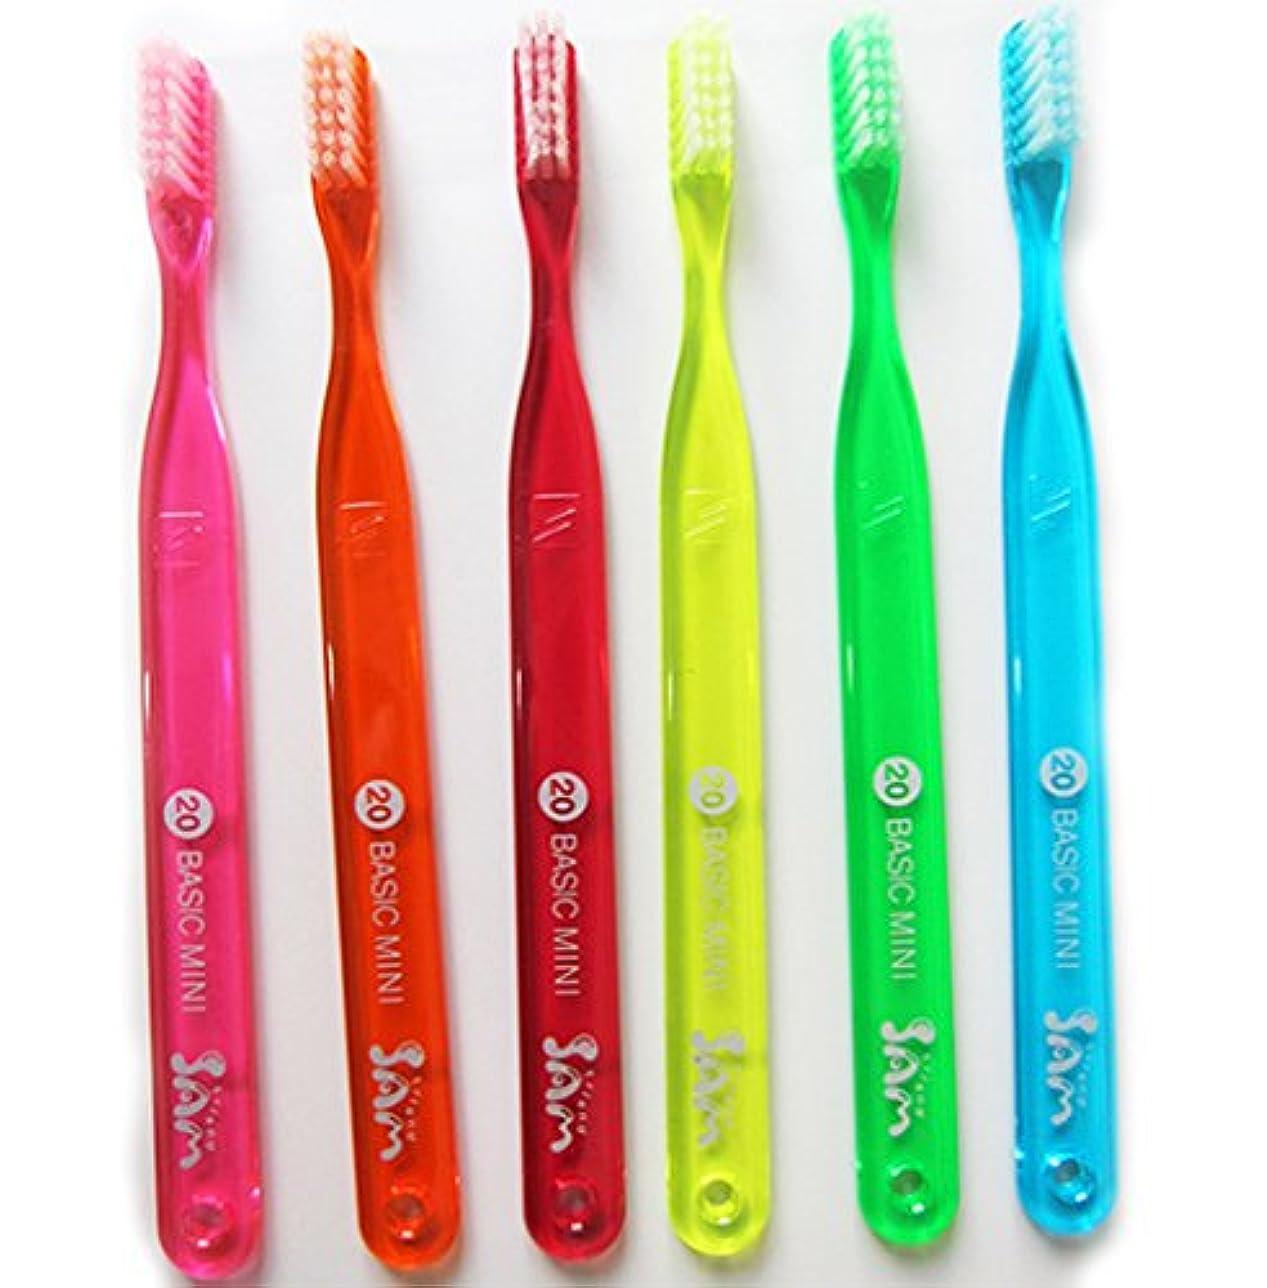 アンデス山脈阻害する精通したサムフレンド 【歯ブラシ】【サムフレンド 20】【6本】サムフレンド歯ブラシ20 BASIC MEDIUM Mini 6色セット【歯科